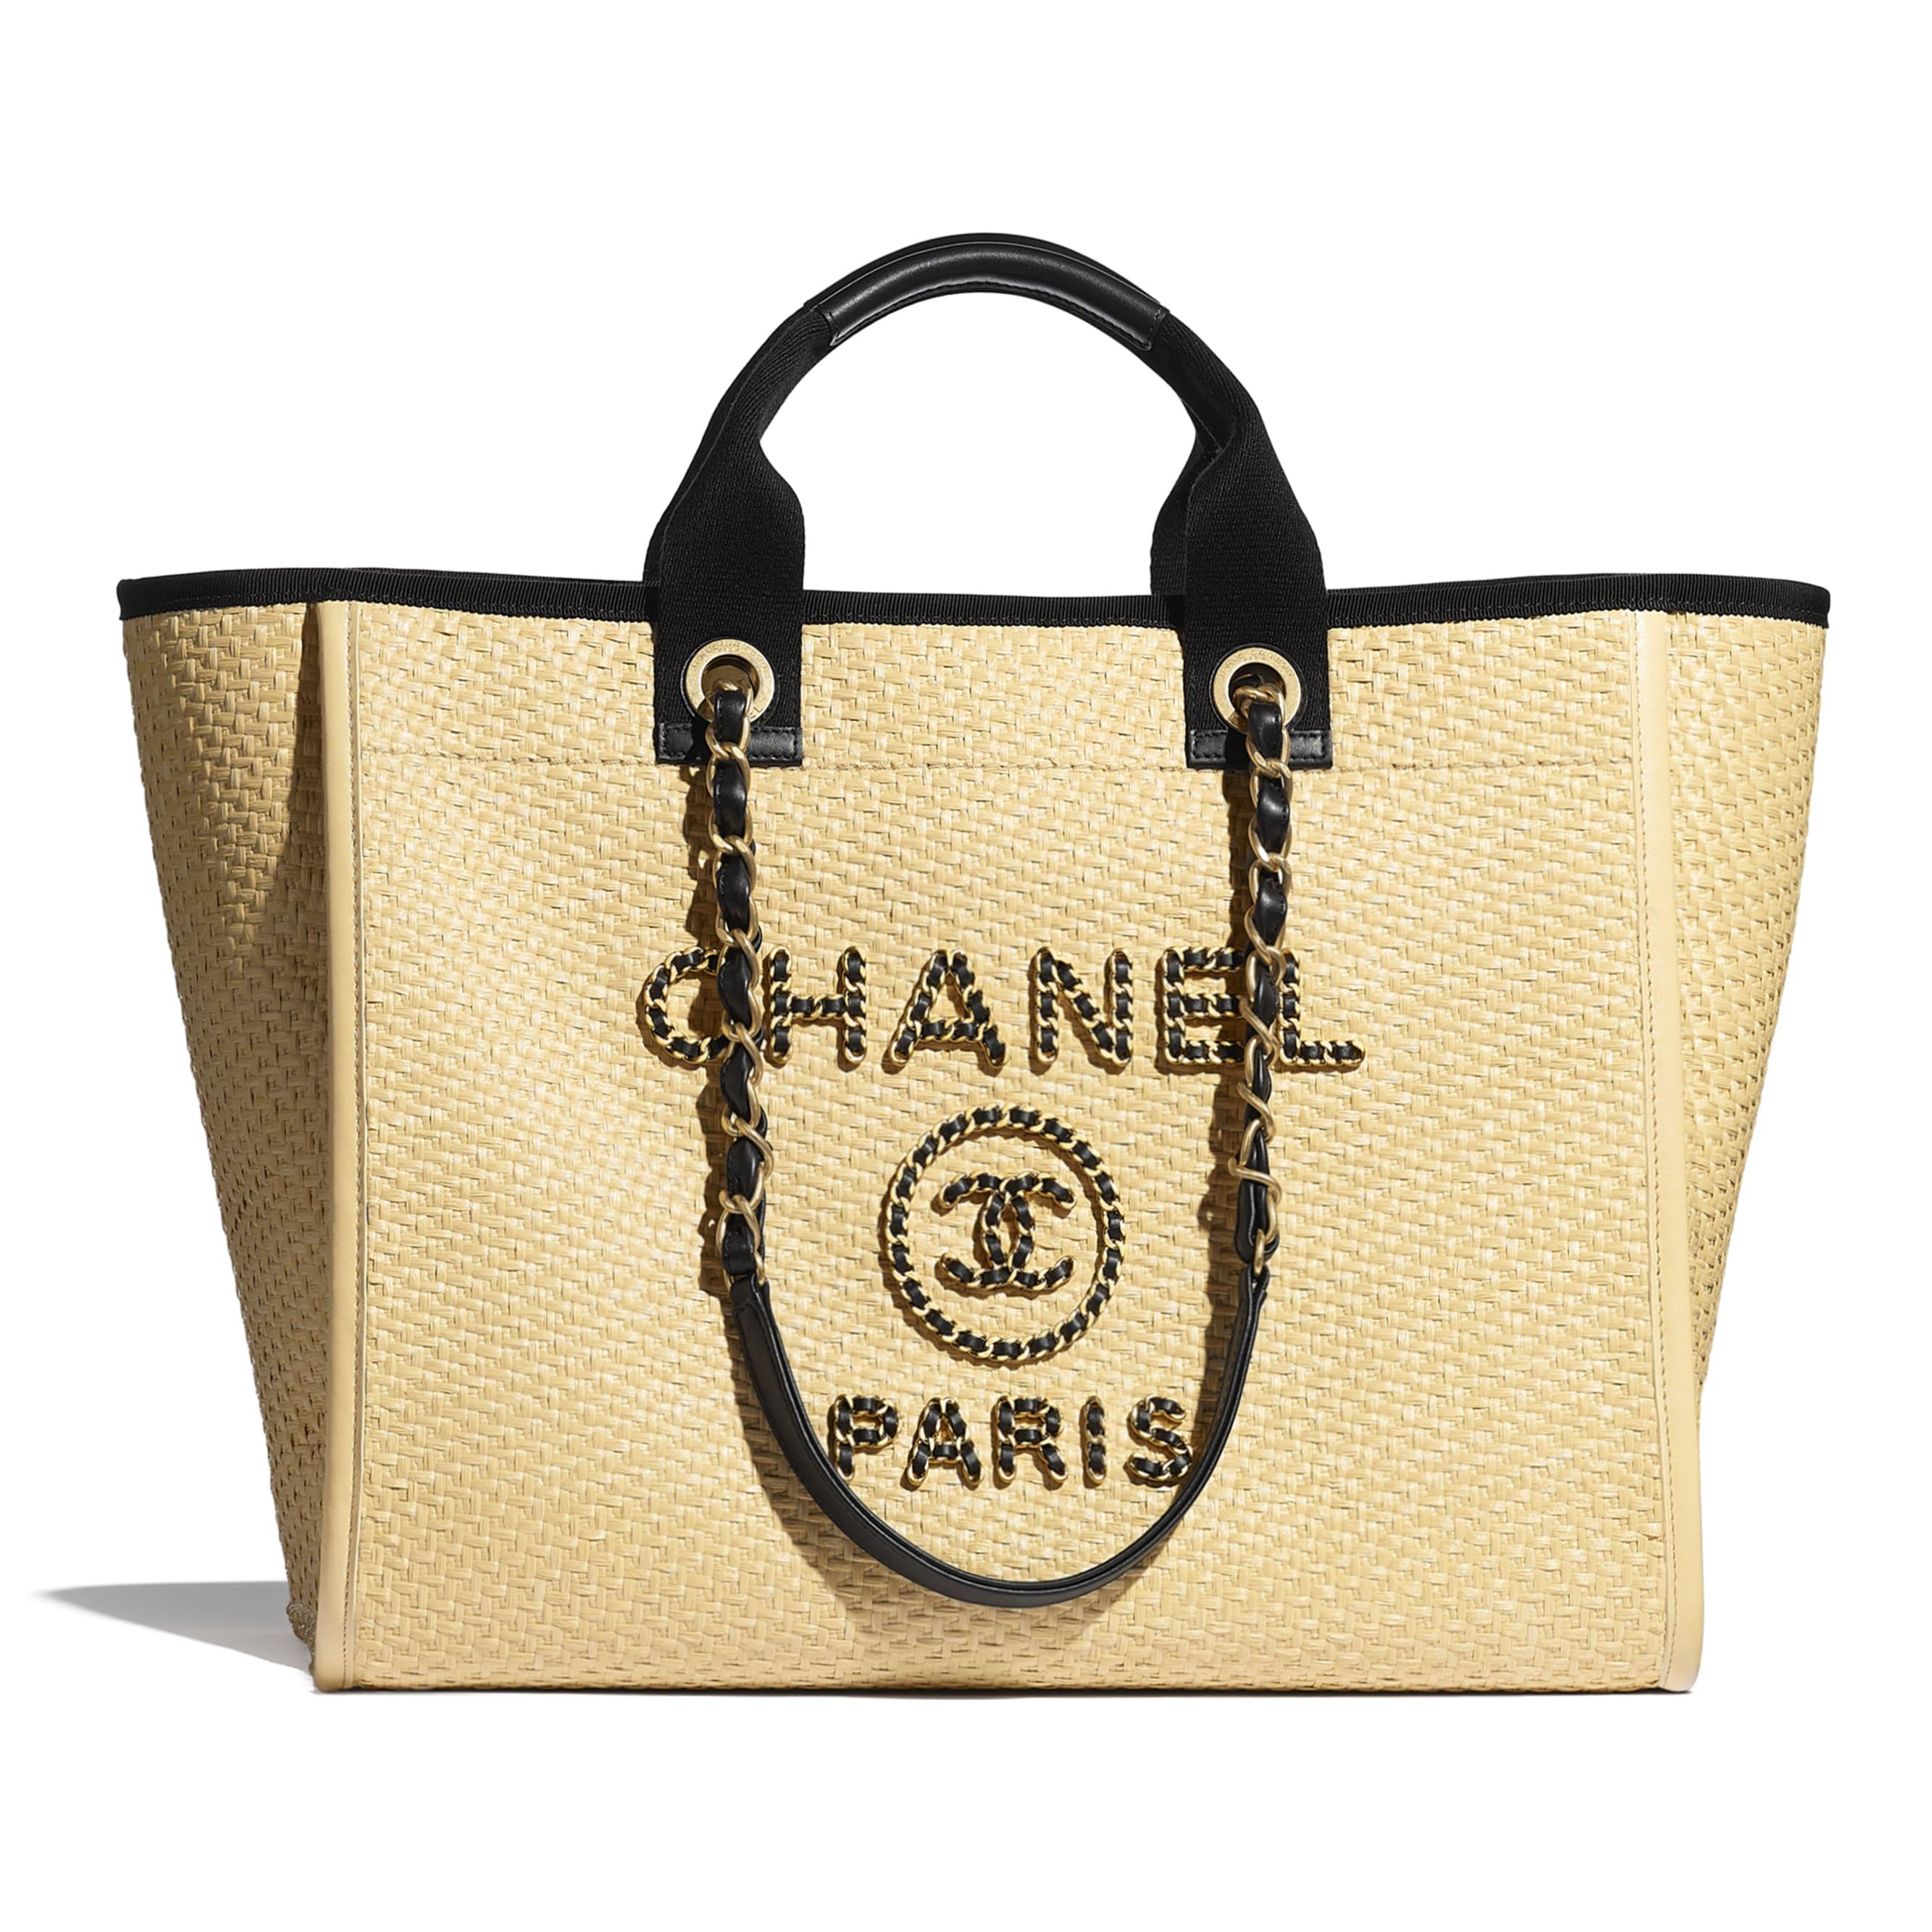 Borsa shopping grande - Beige & nero - Paglia, pelle & metallo effetto dorato - CHANEL - Immagine predefinita - vedere versione standard